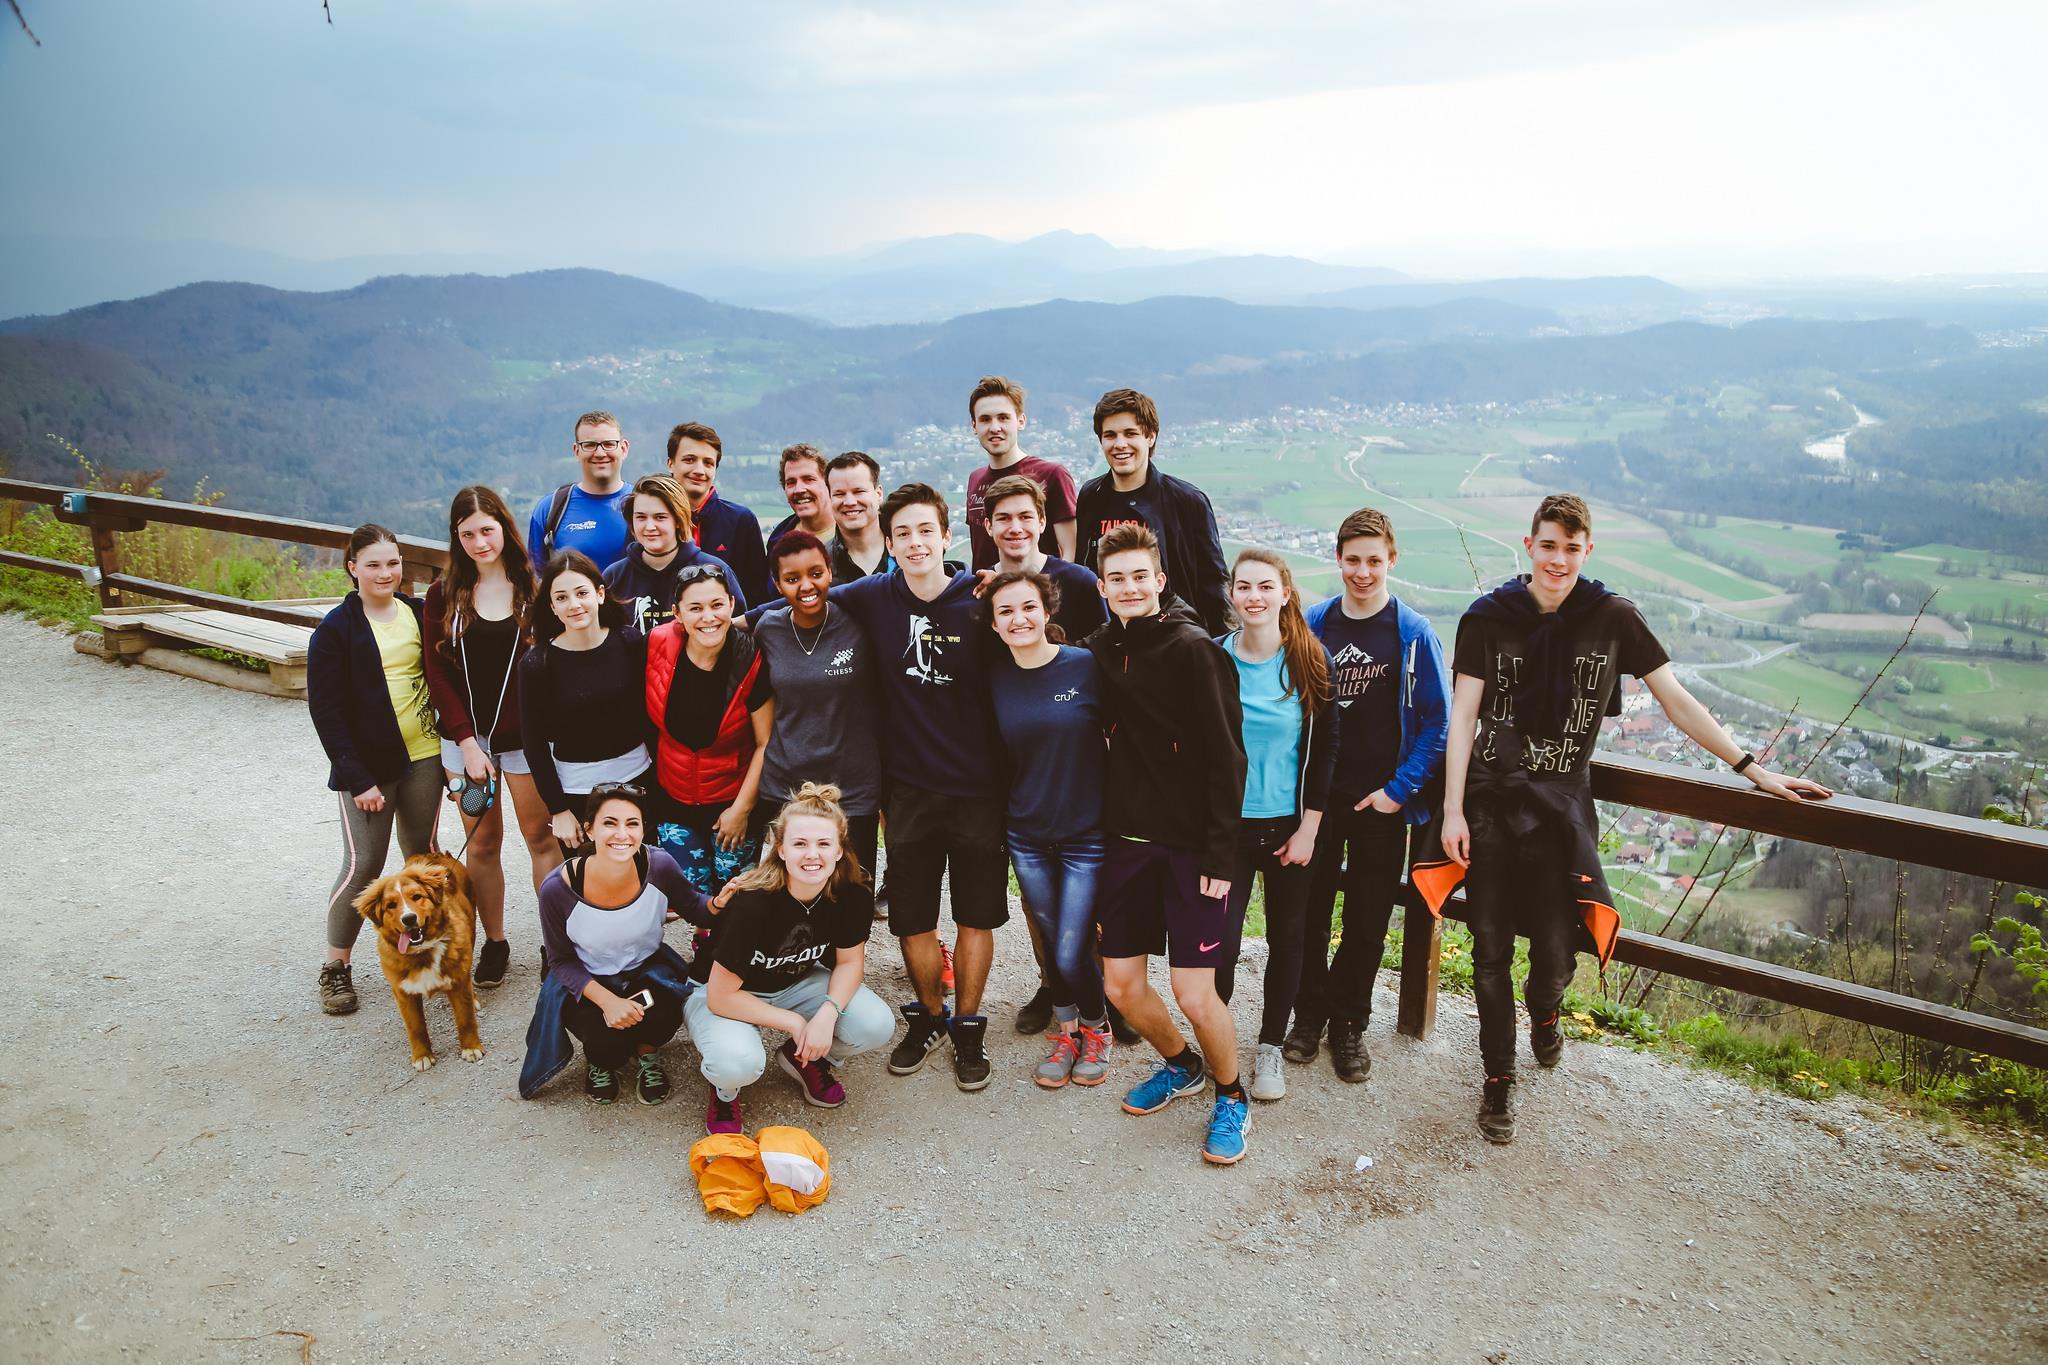 Vsak Študent je mednarodno gibanje študentov in dijakov v več kot 190 državah. -